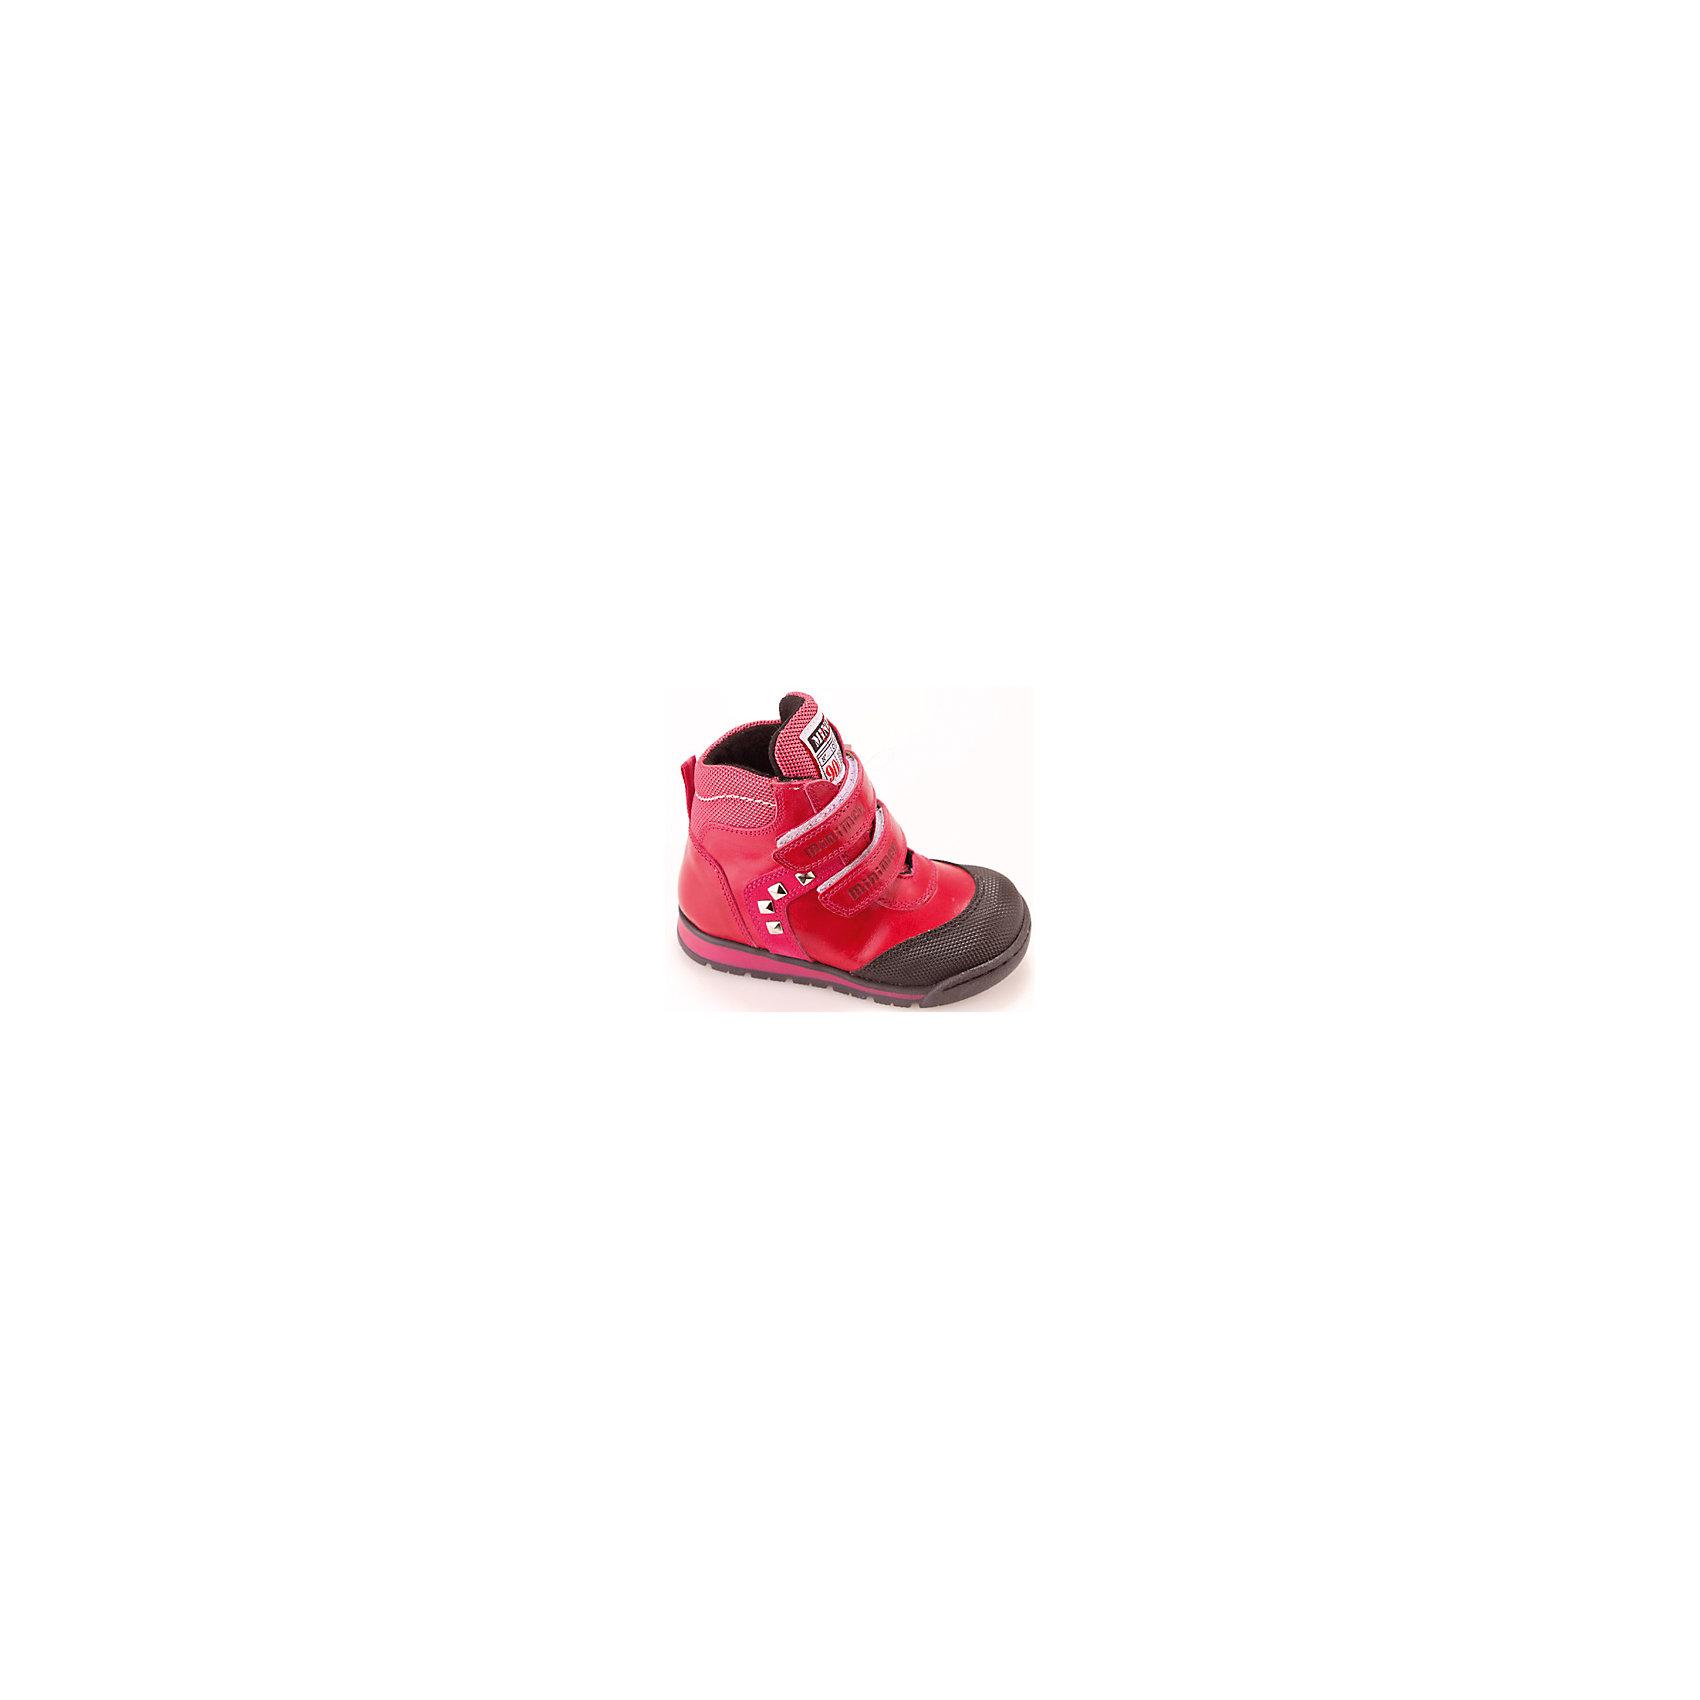 Ботинки для девочки MinimenОбувь для малышей<br>Состав: верх-кожа100%,подклад-текстиль,подошва-Полиуретан<br><br>Ширина мм: 262<br>Глубина мм: 176<br>Высота мм: 97<br>Вес г: 427<br>Цвет: фуксия<br>Возраст от месяцев: 12<br>Возраст до месяцев: 15<br>Пол: Женский<br>Возраст: Детский<br>Размер: 21,24,23,20,22<br>SKU: 4573135